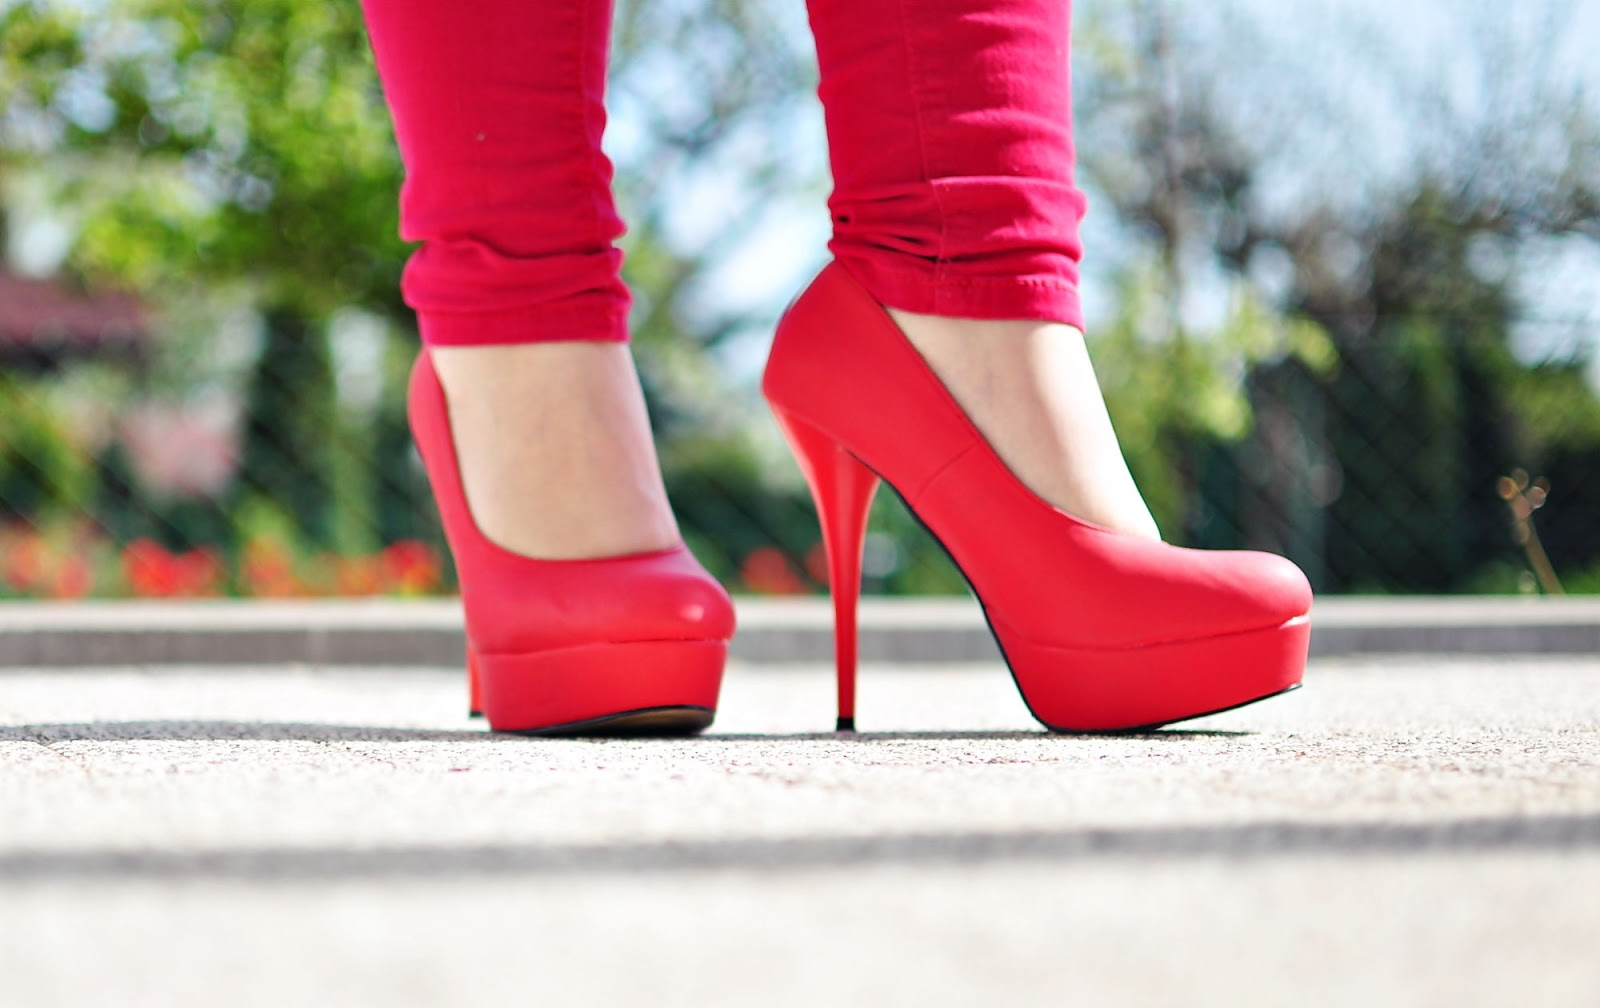 czerwone szpilki, platformy, seksowne szpilki